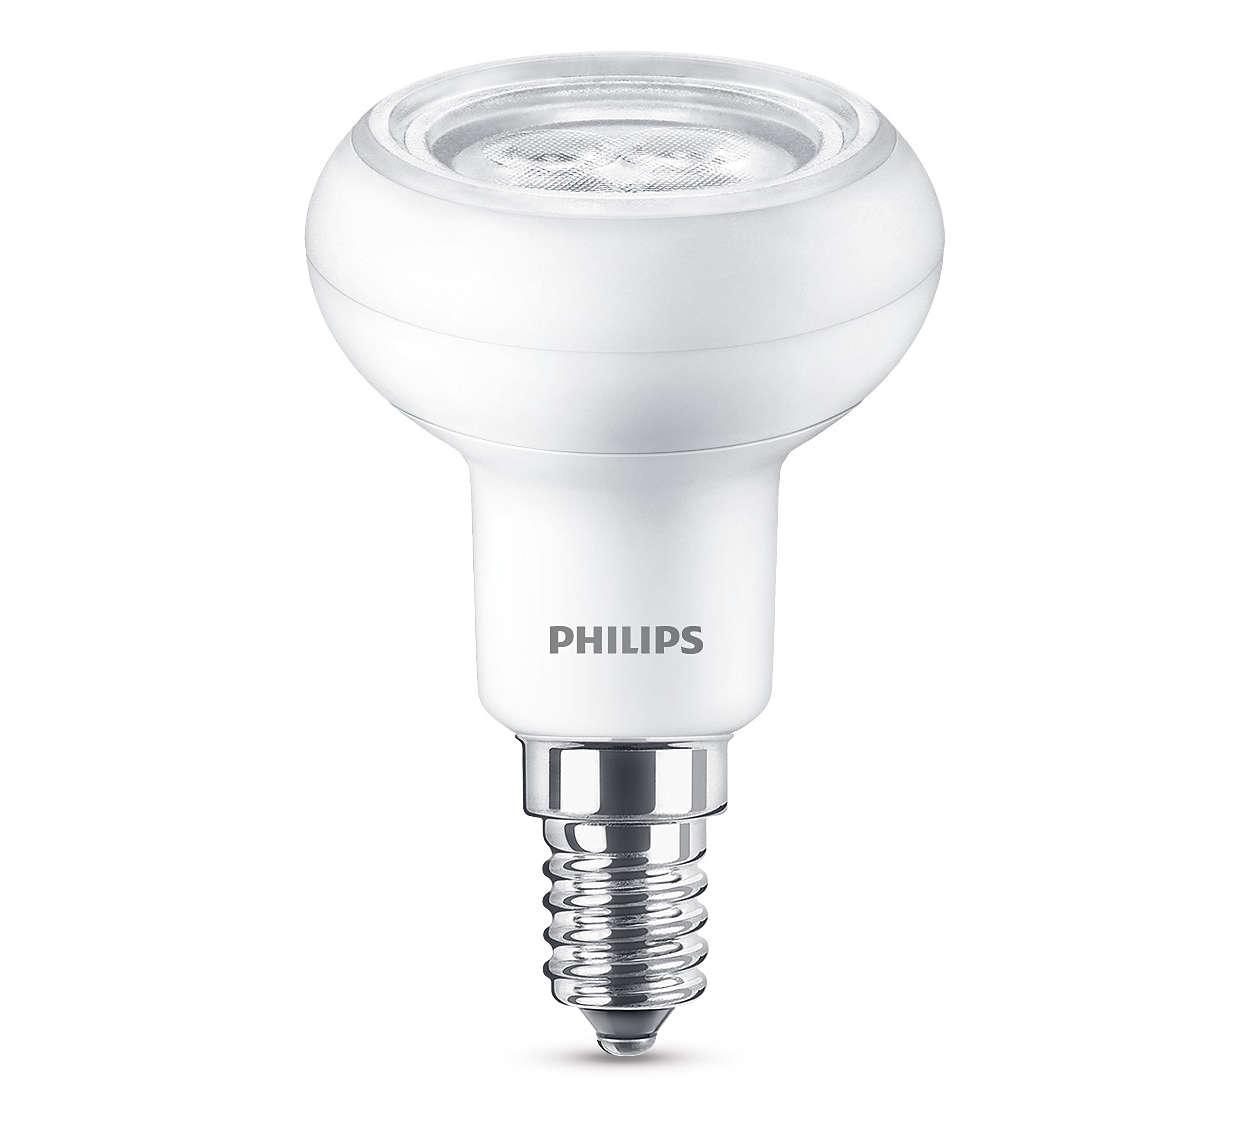 Luz LED duradoura com um feixe brilhante direccionado